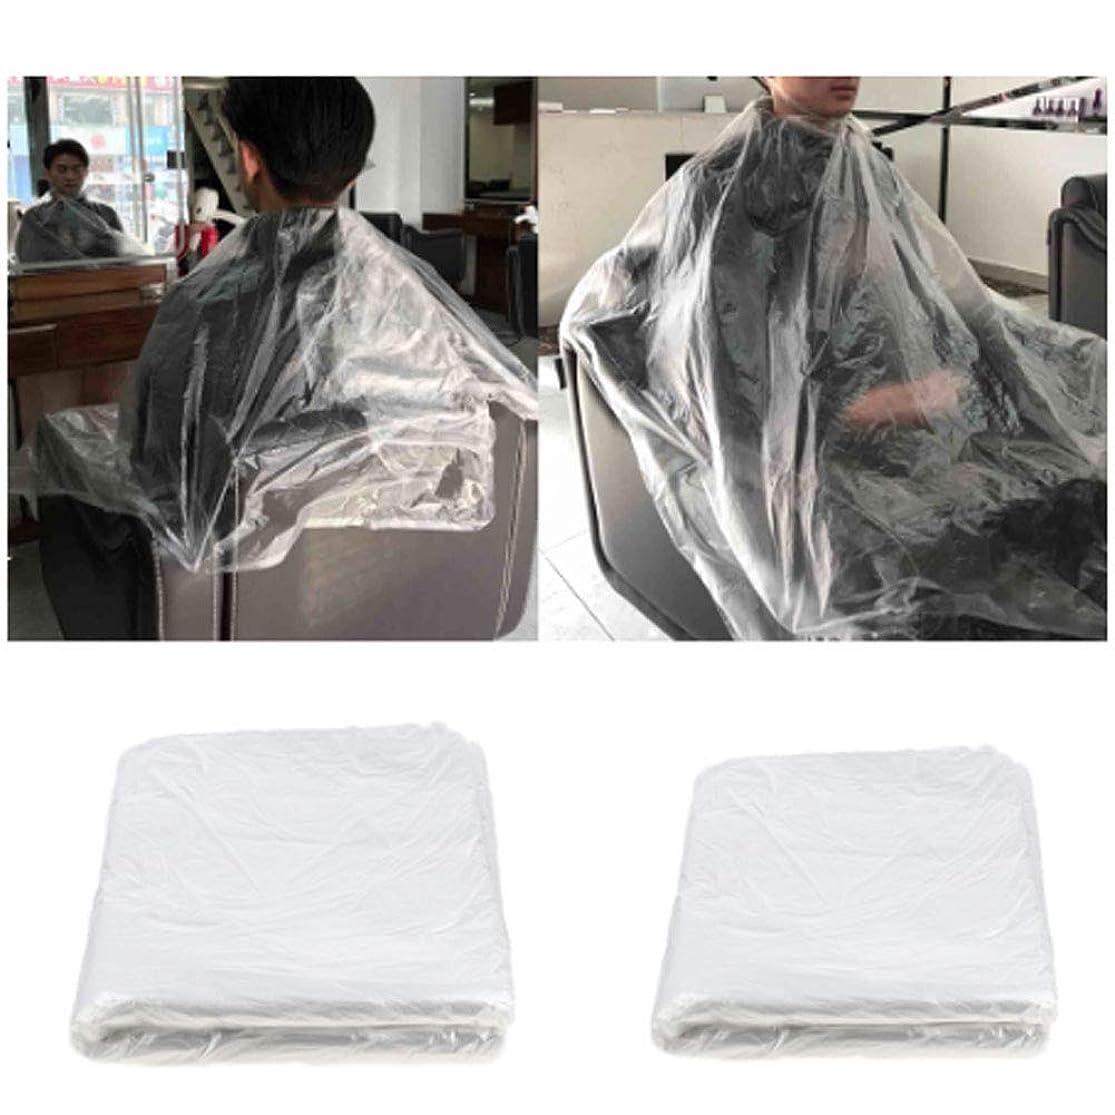 息苦しいアンペア秘書150 x使い捨てケープヘアサロンショールプラスチック防水ヘアトリミングツール110 x 150 cm理髪店または家庭用